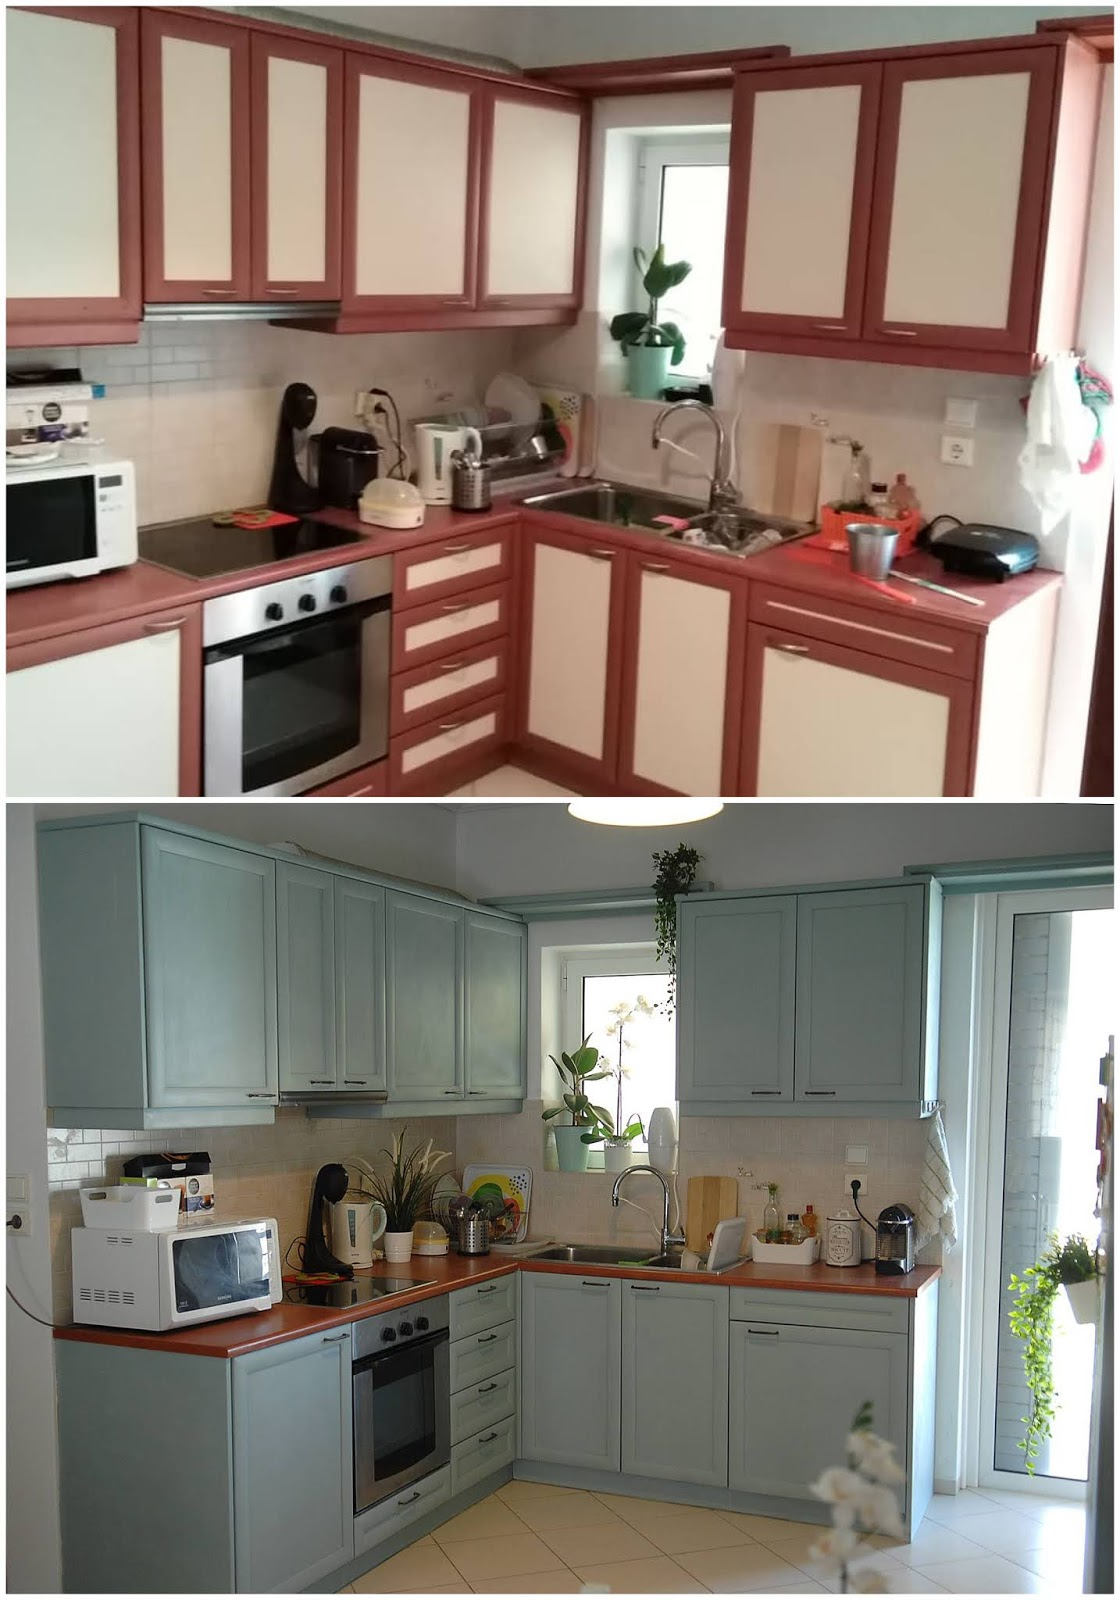 Αφιέρωμα: Κουζίνα! Έλα στην κουζίνα, βάζω καφέ! 16 Annie Sloan Greece